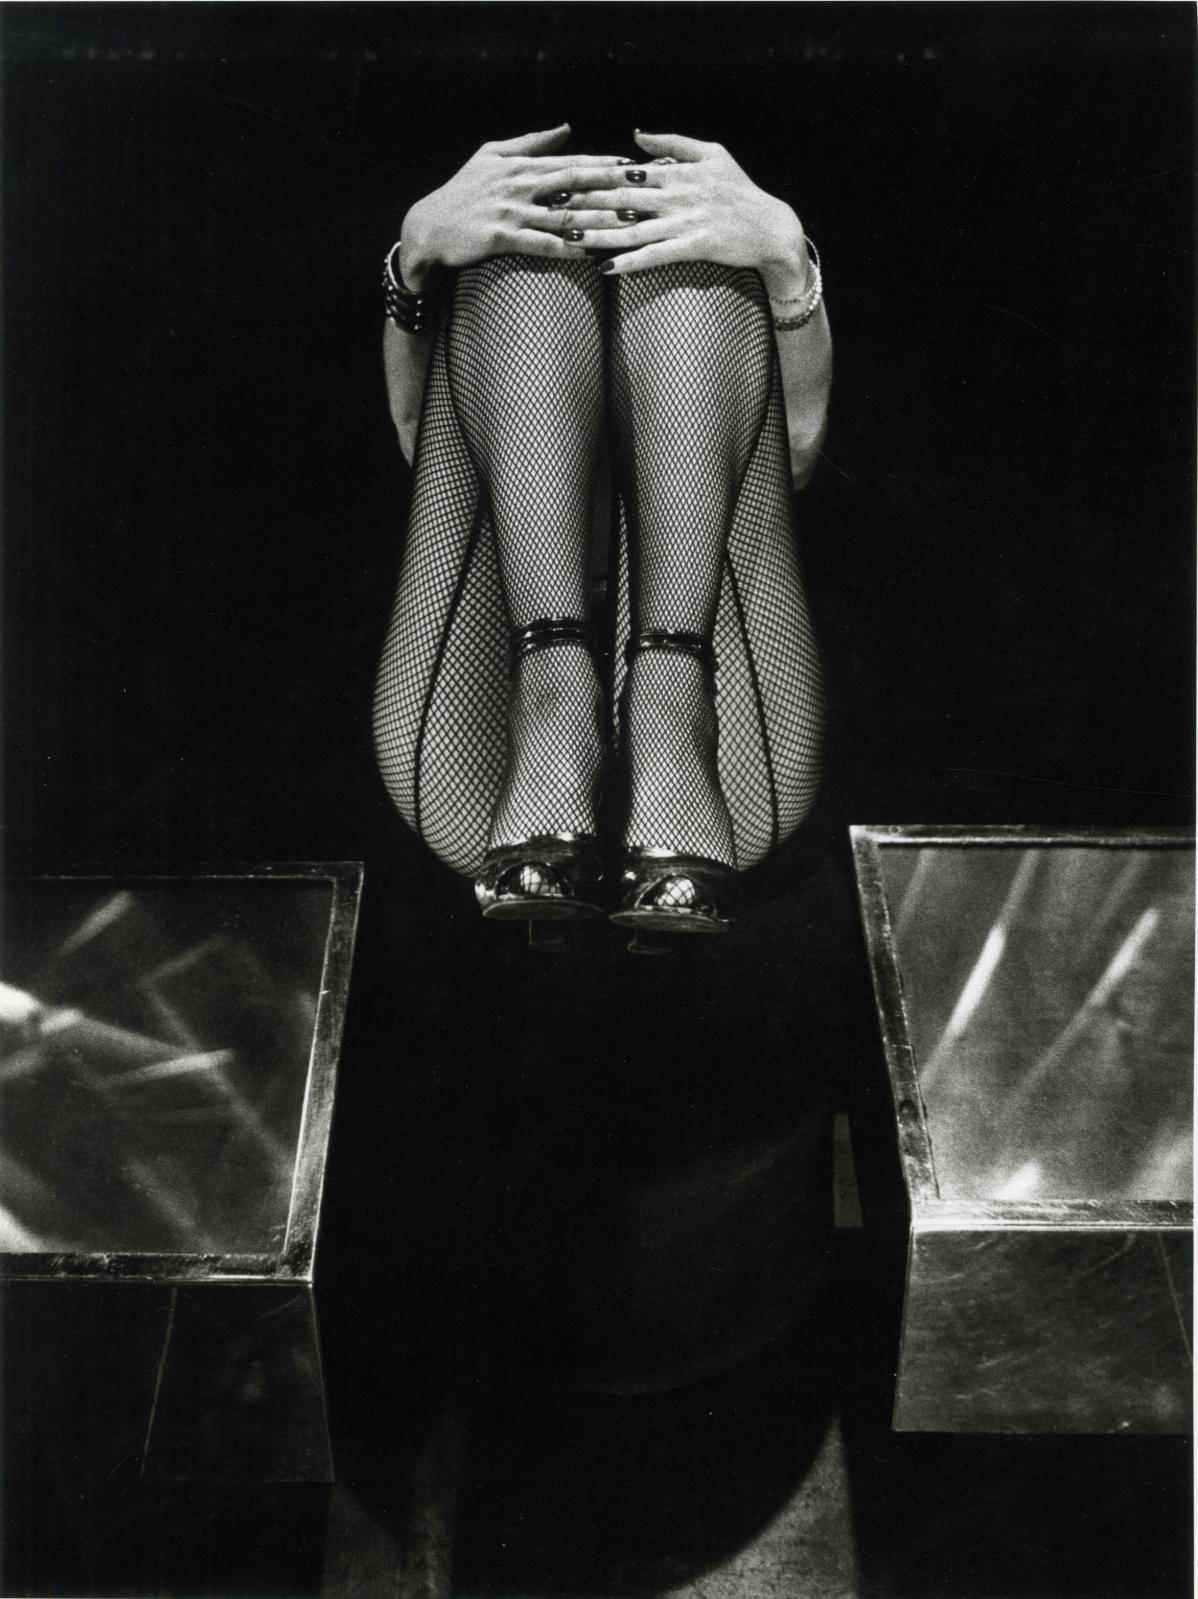 Les Jambes de Marisa [Berenson], 1978, tirage argentique de l'expositiondu musée d'Art modernede la Ville de Paris de 1983, numéroté EA